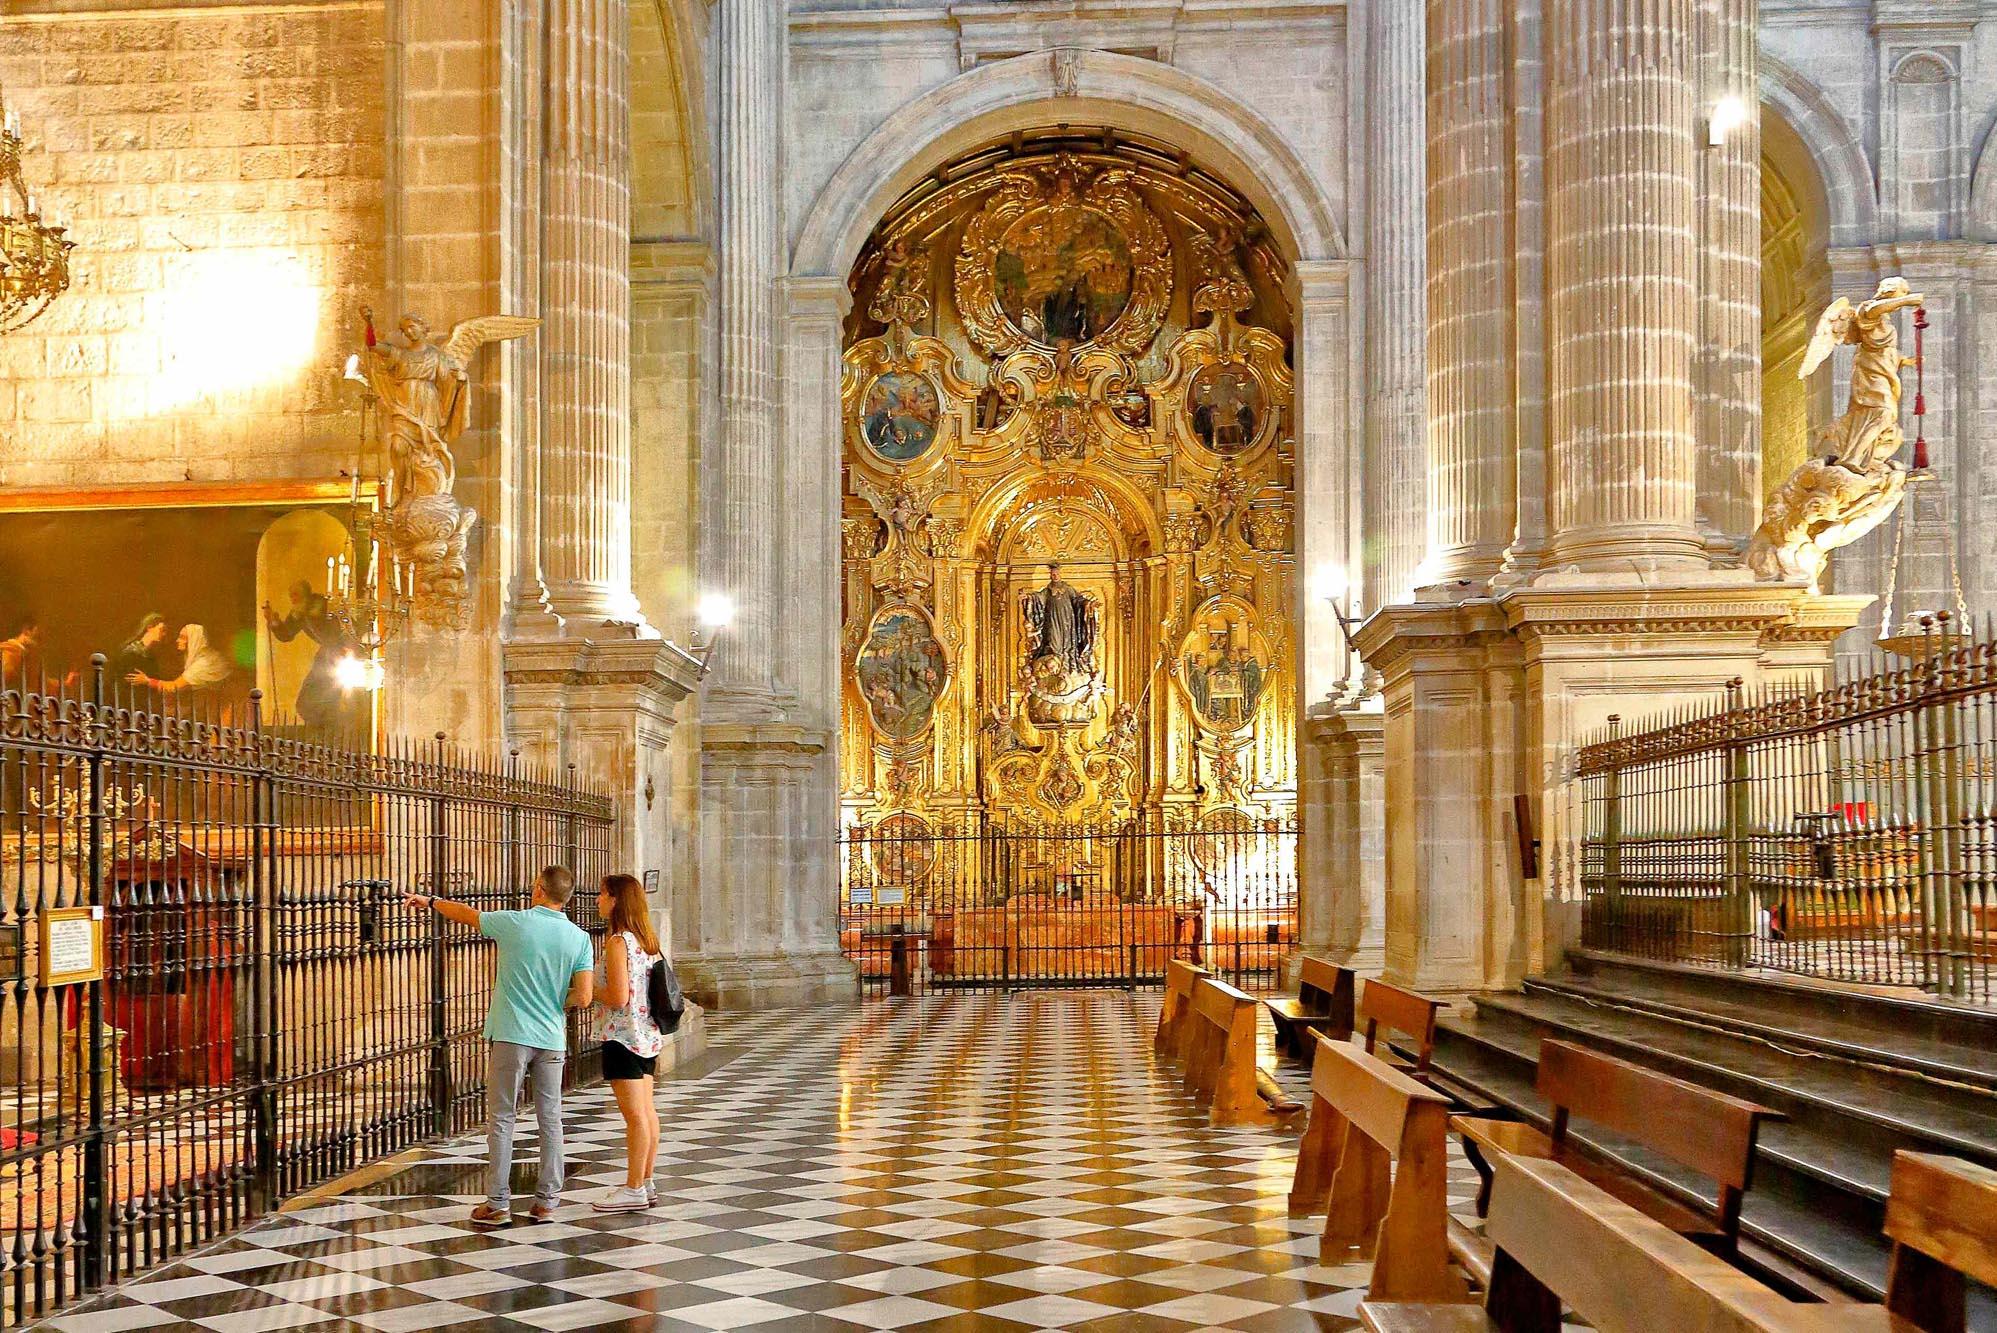 Tras las rejas de la Capilla Mayor se puede ver la lápida del obispo por fin enterrado.